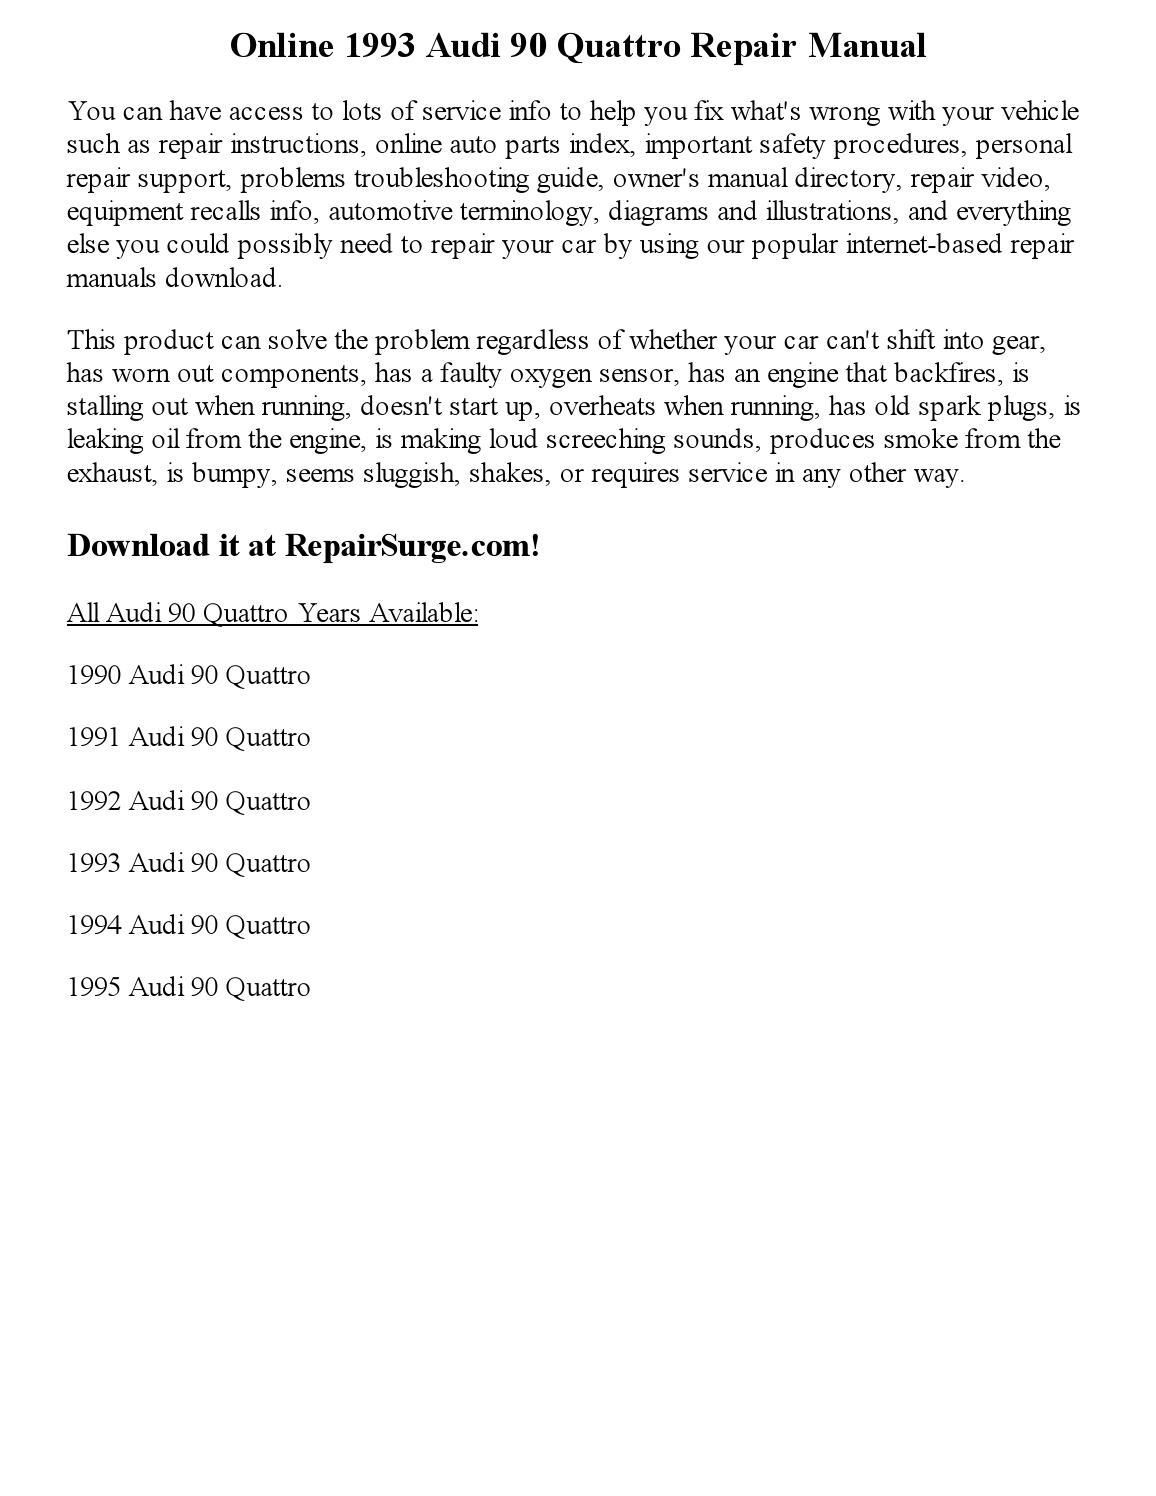 1993 audi 90 quattro repair manual online